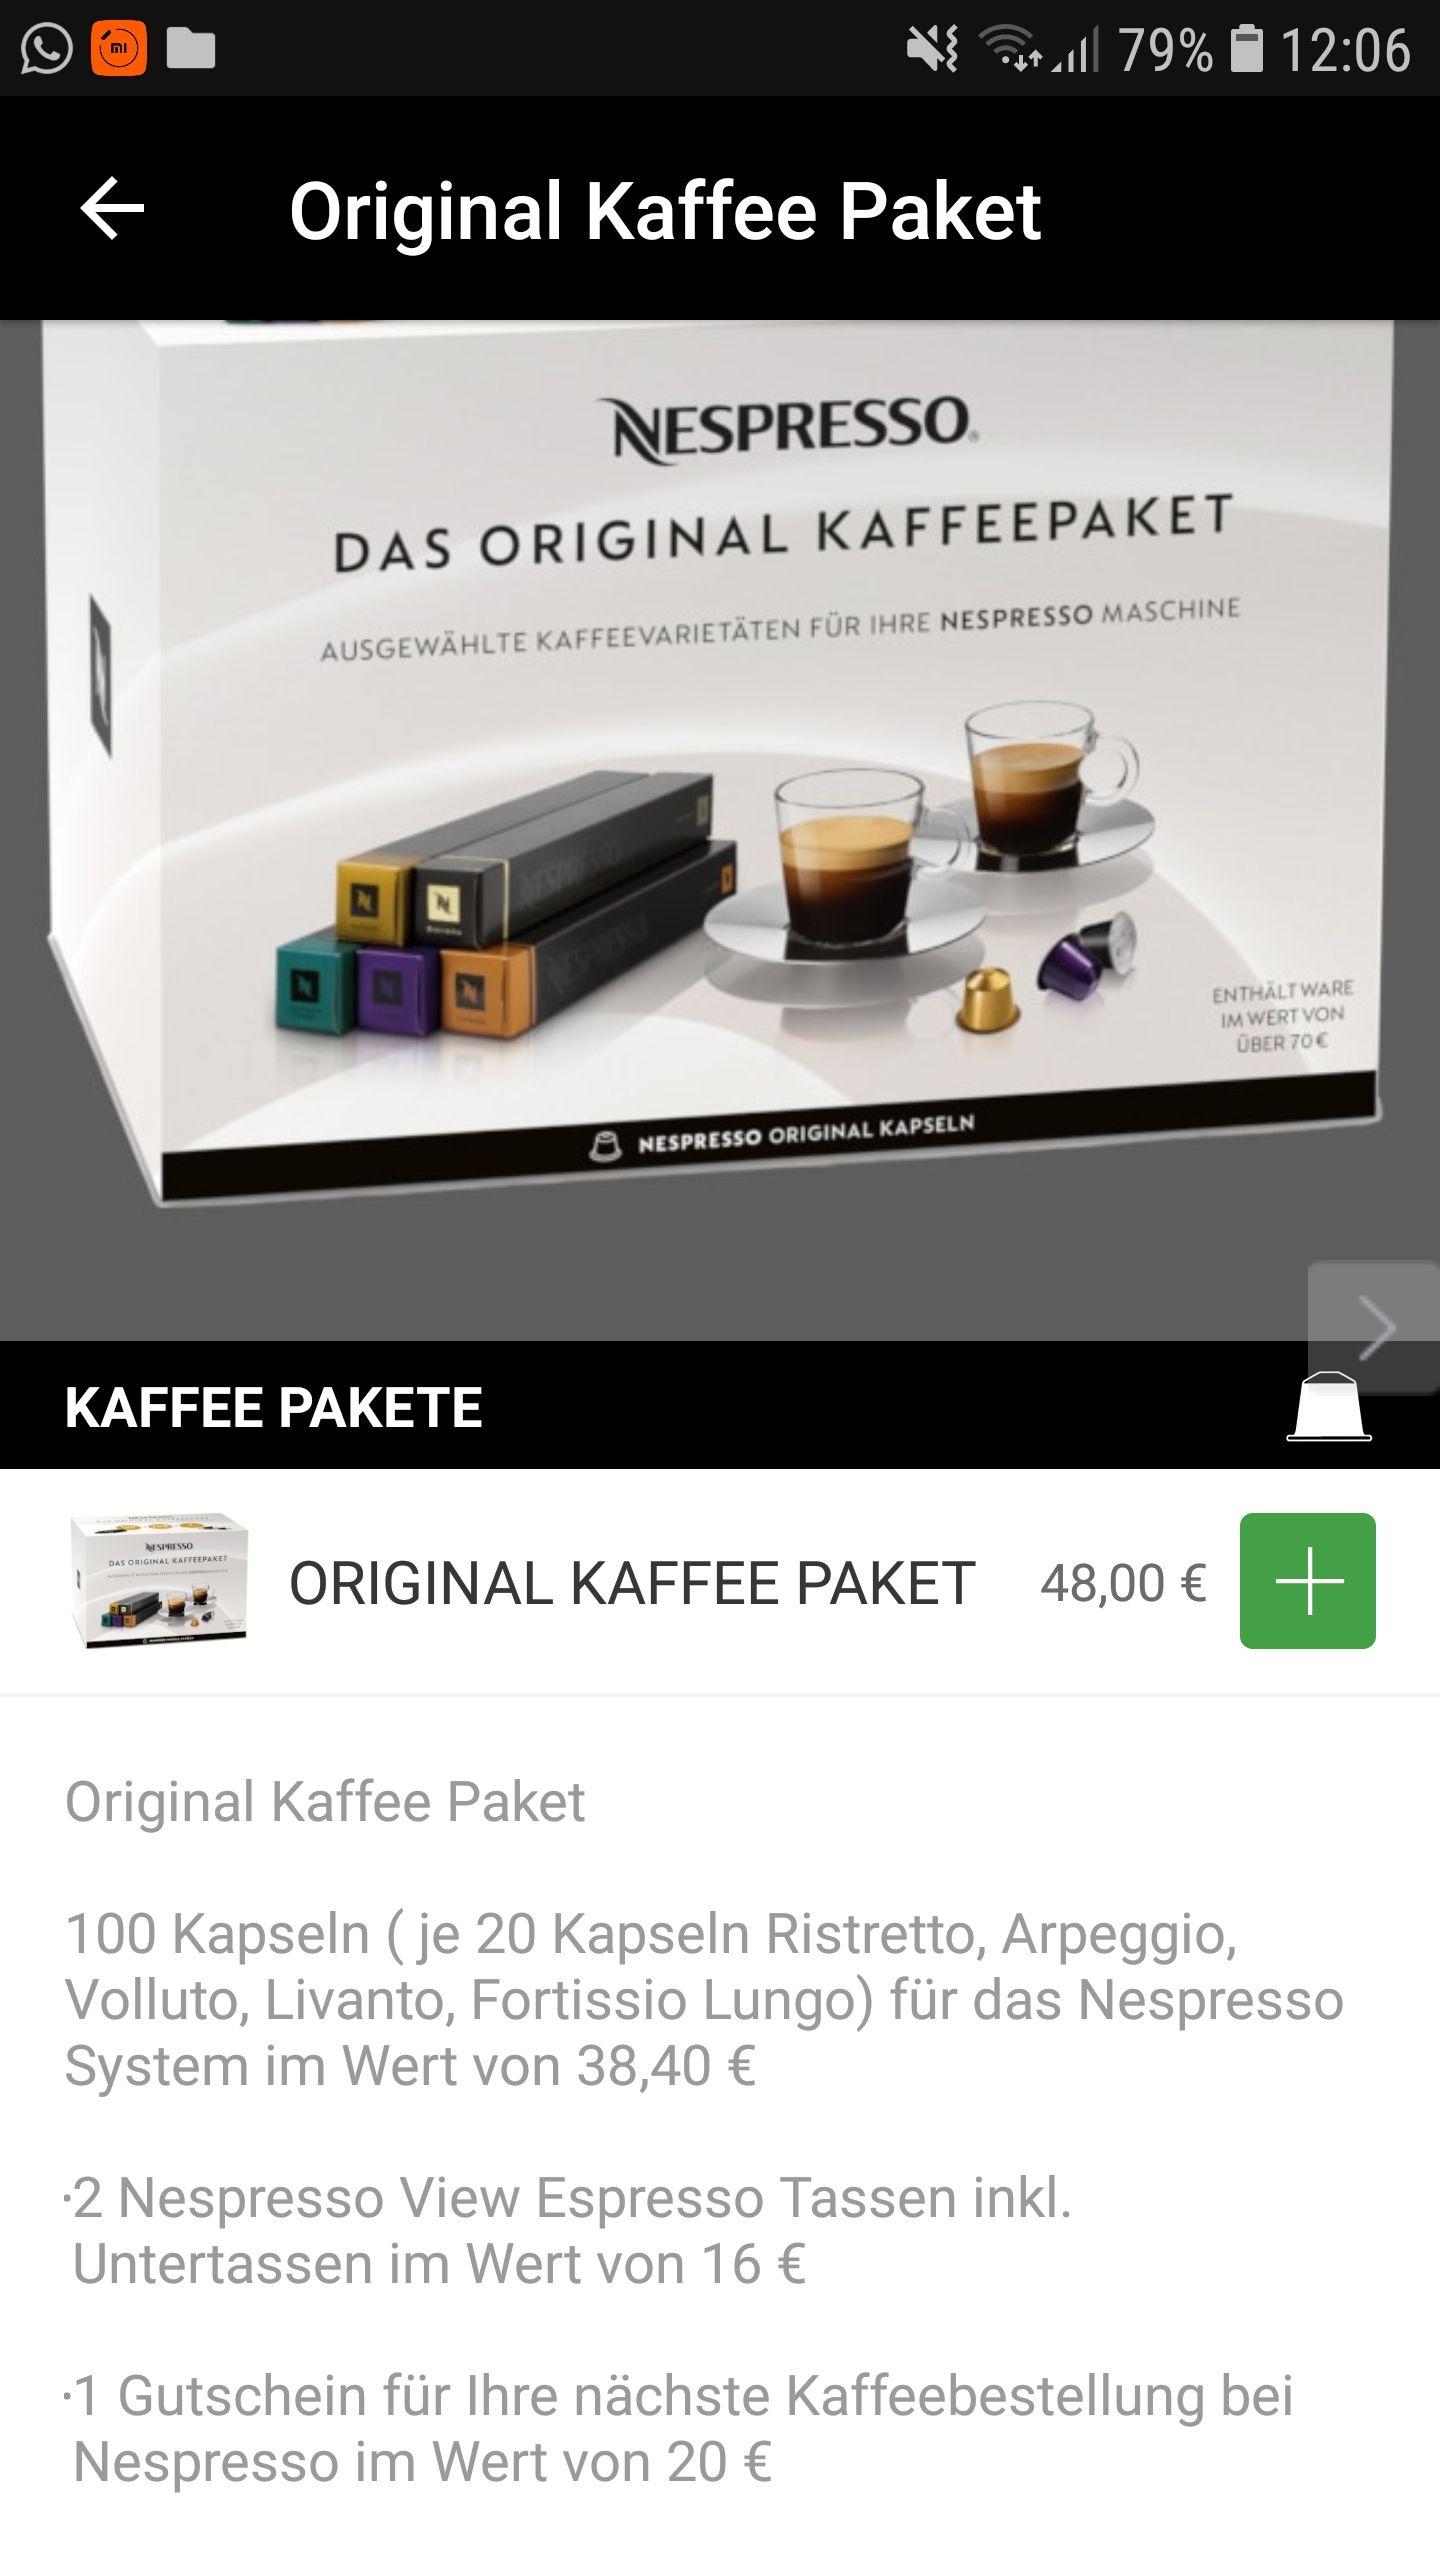 [nespresso online] Nespresso Original Kaffee Paket inkl. 20,- Euro Gutschein und 2x Espressotassen